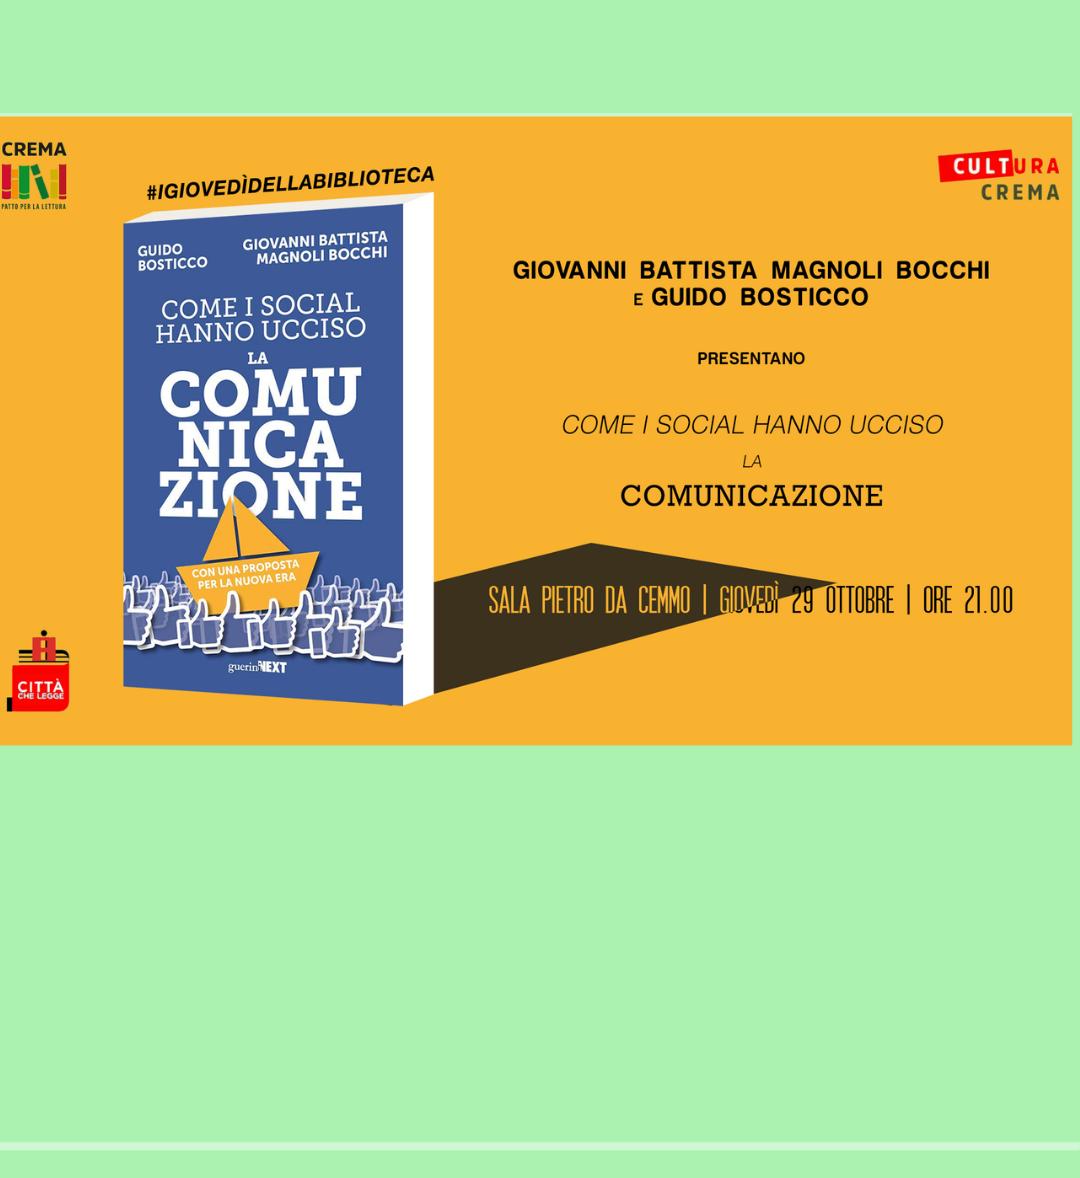 G2020-10-29-giovedìdellabiblioteca